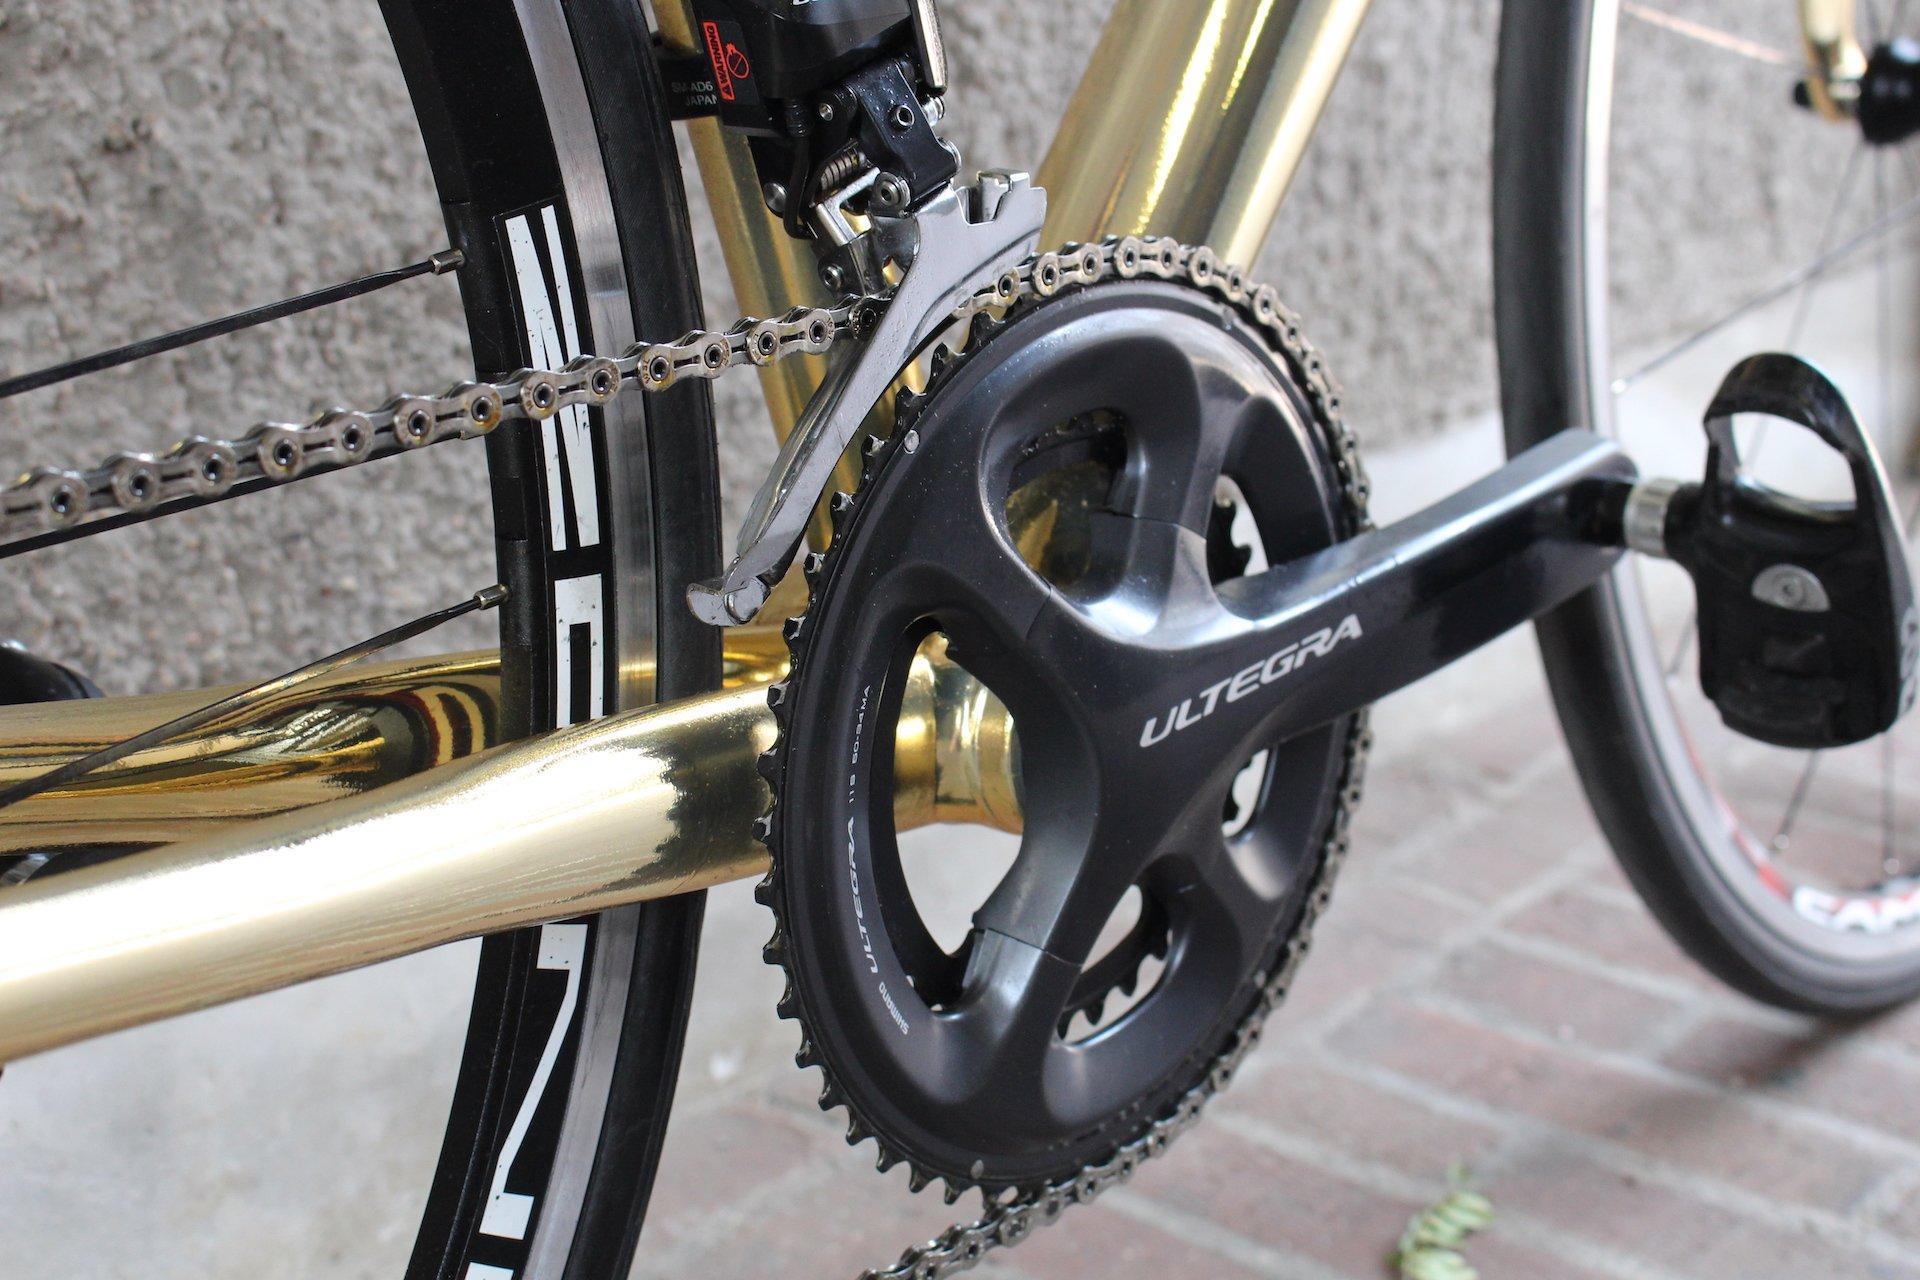 Racefiets gemaakt in Utrecht Nederland